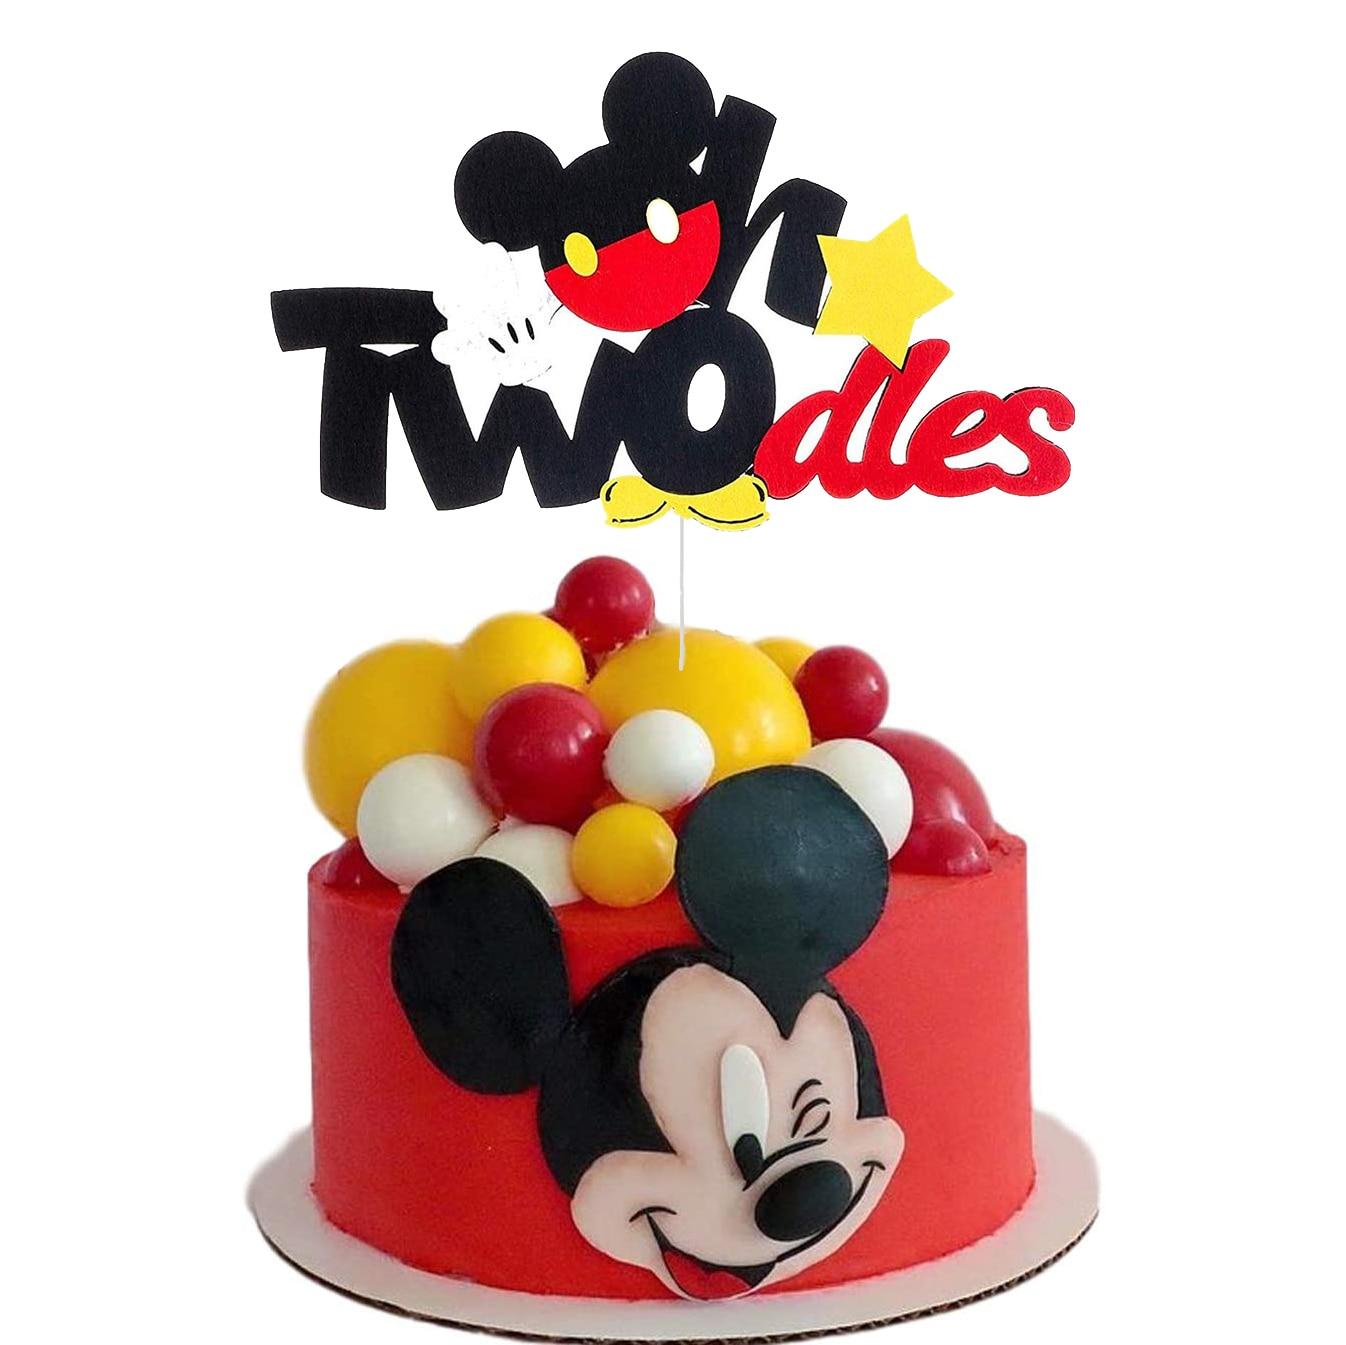 Торт Топпер baby shower пользу нетканое полотно Disney Микки Мышь торт вечерние праздничные баннер вечерние торт Топпер баннер украшения